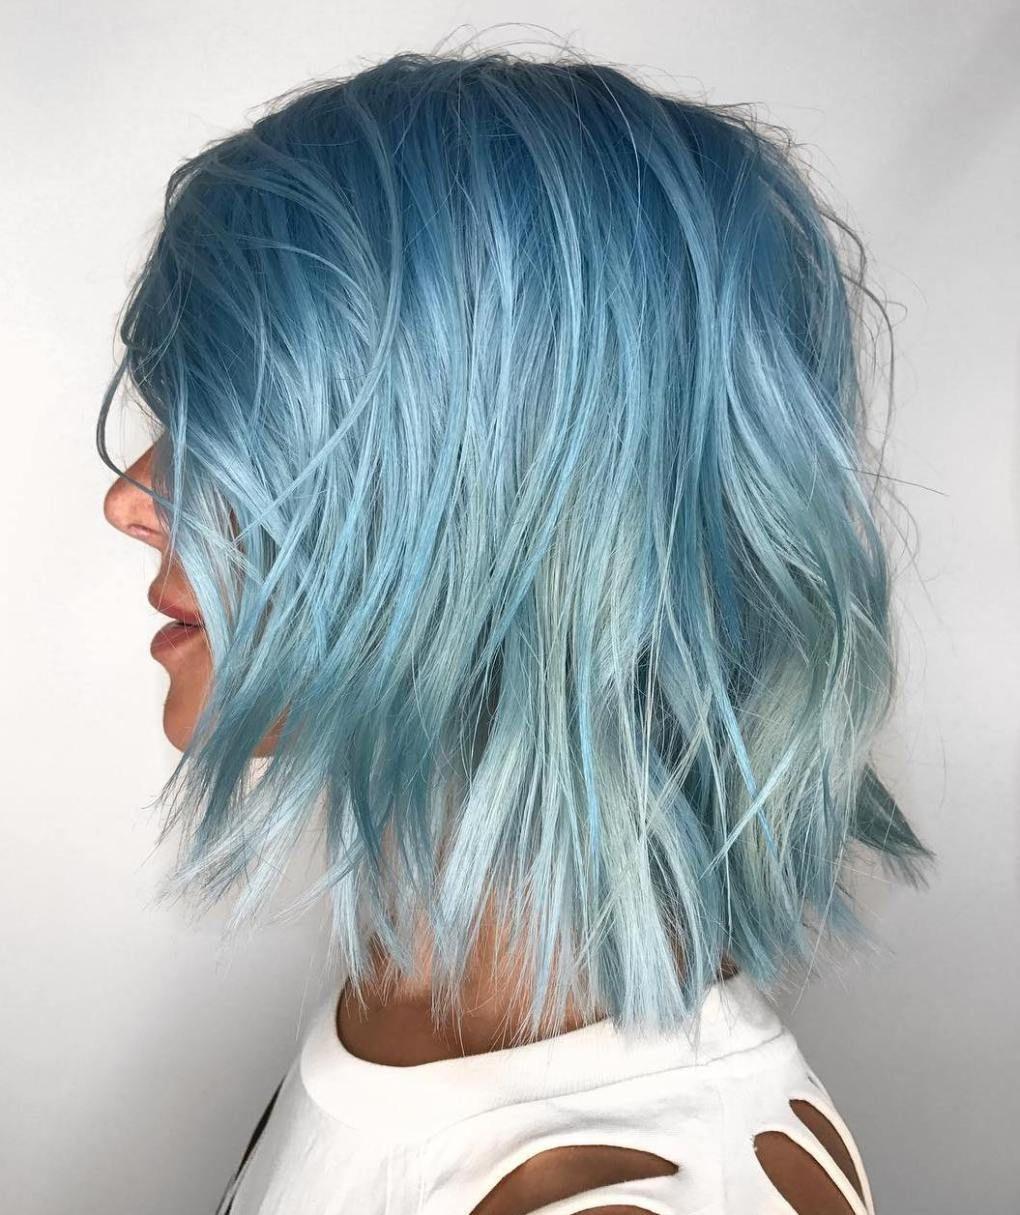 Pastell Blaue Harre Im Long Bob Hair Frisur Longbob Blau Haarfarben Haare Farben Ideen Haarfarbe Ideen